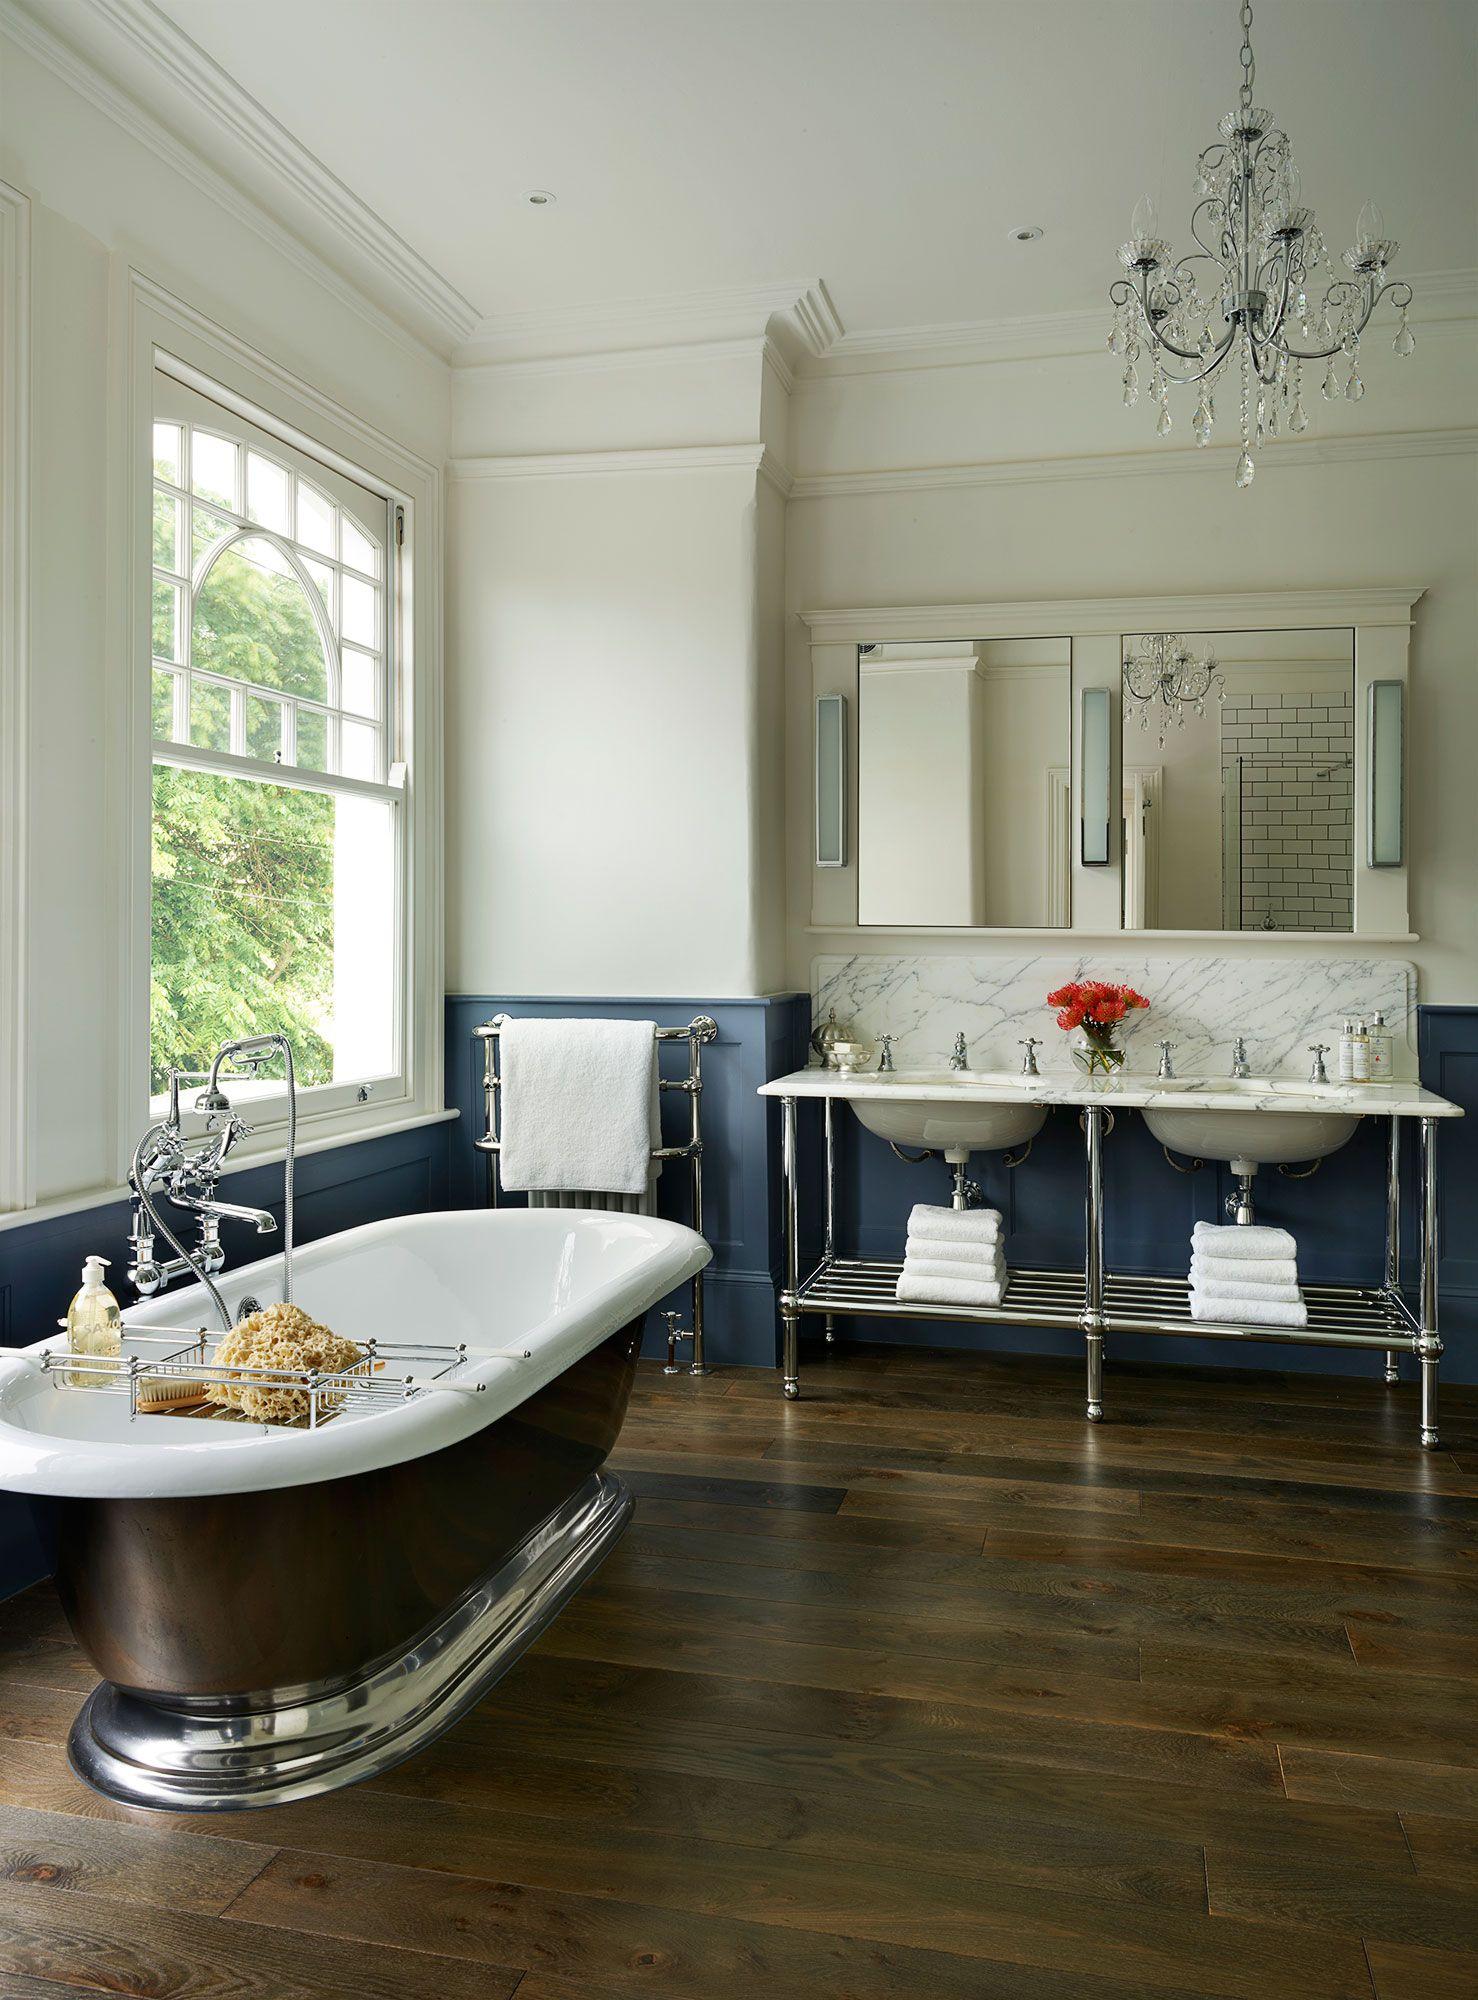 DIY Bedroom or bathroom vignette idea